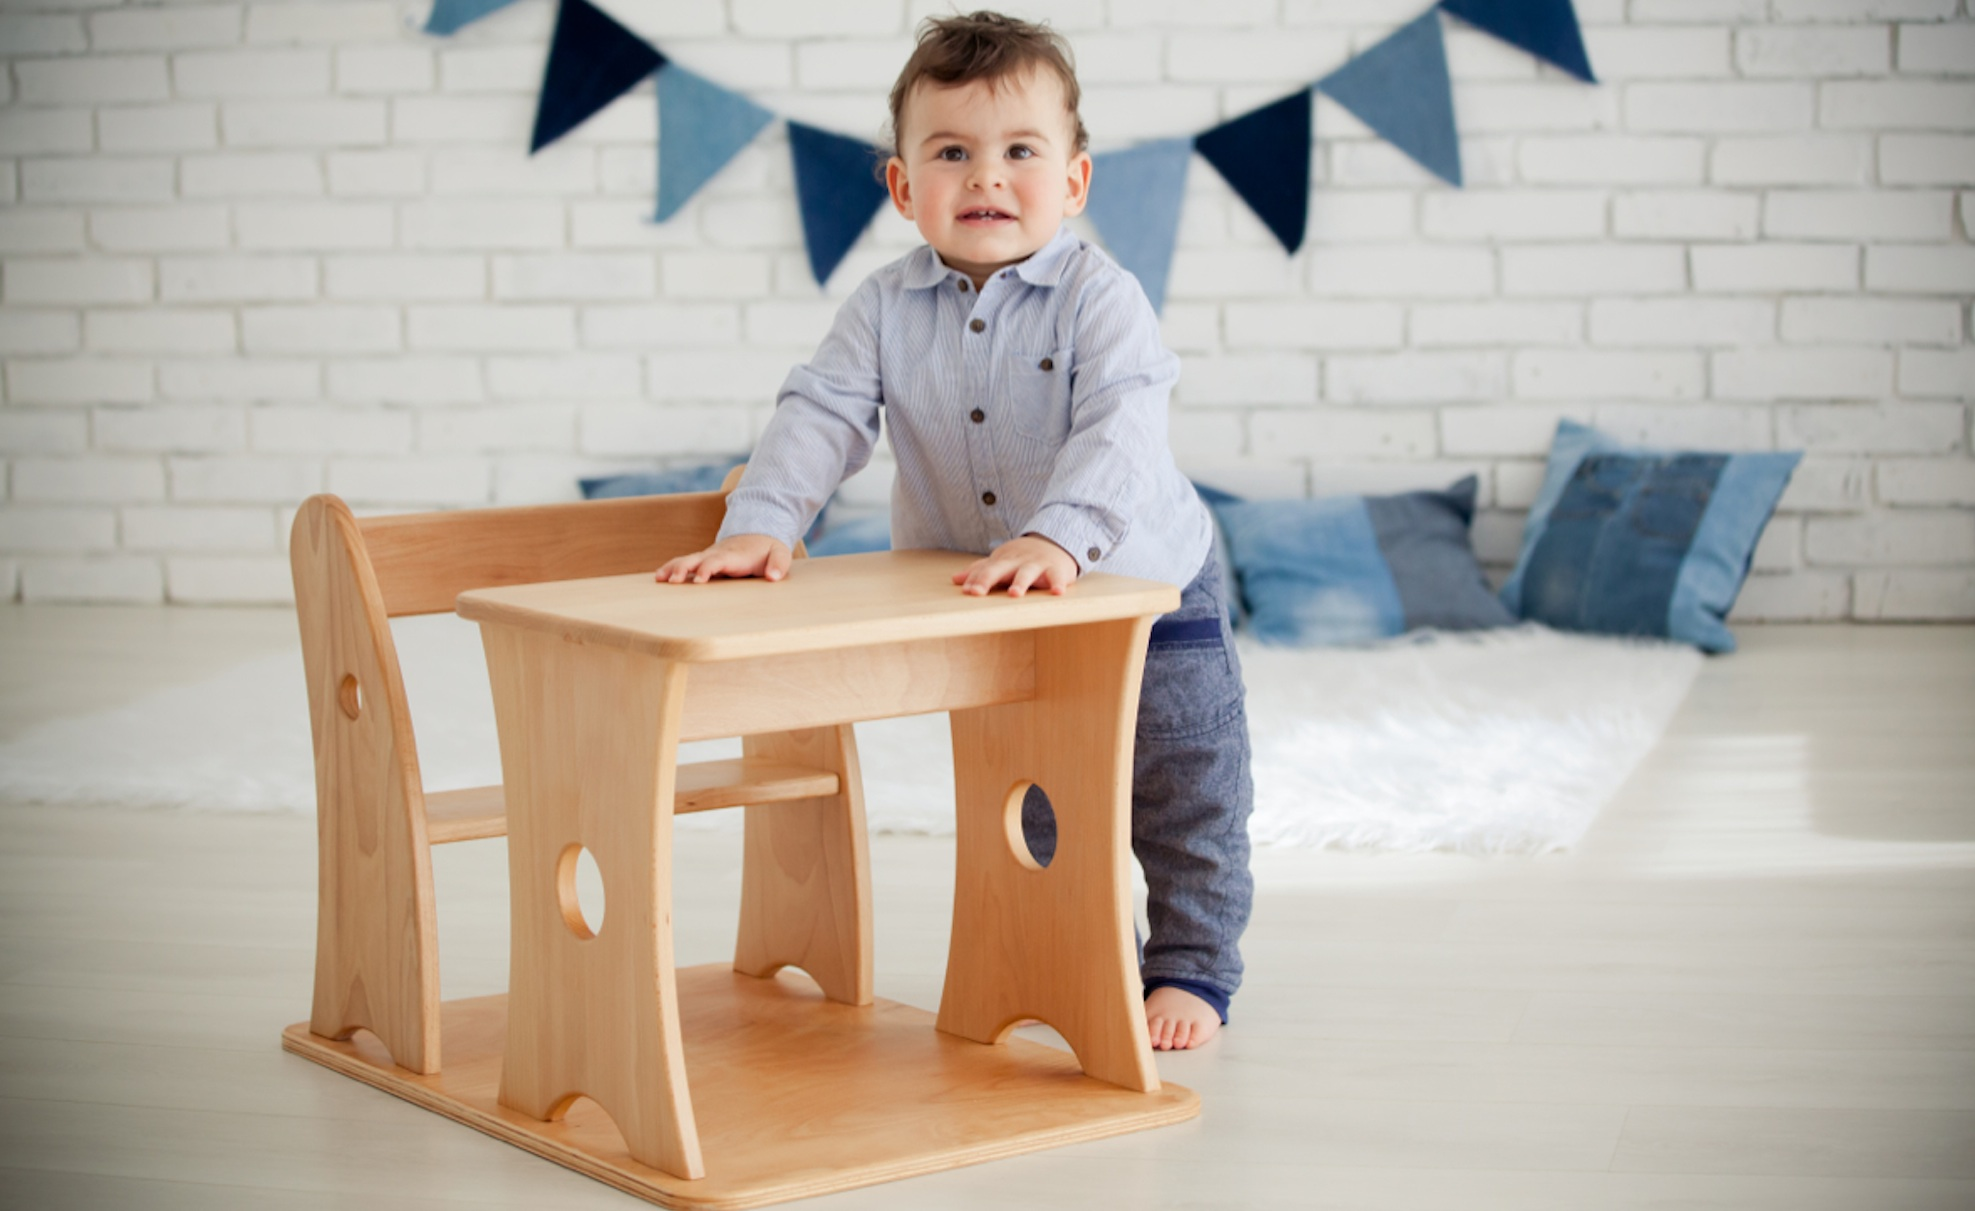 pikler b nkchen bobita sinnvolles mobiliar f r kinder. Black Bedroom Furniture Sets. Home Design Ideas